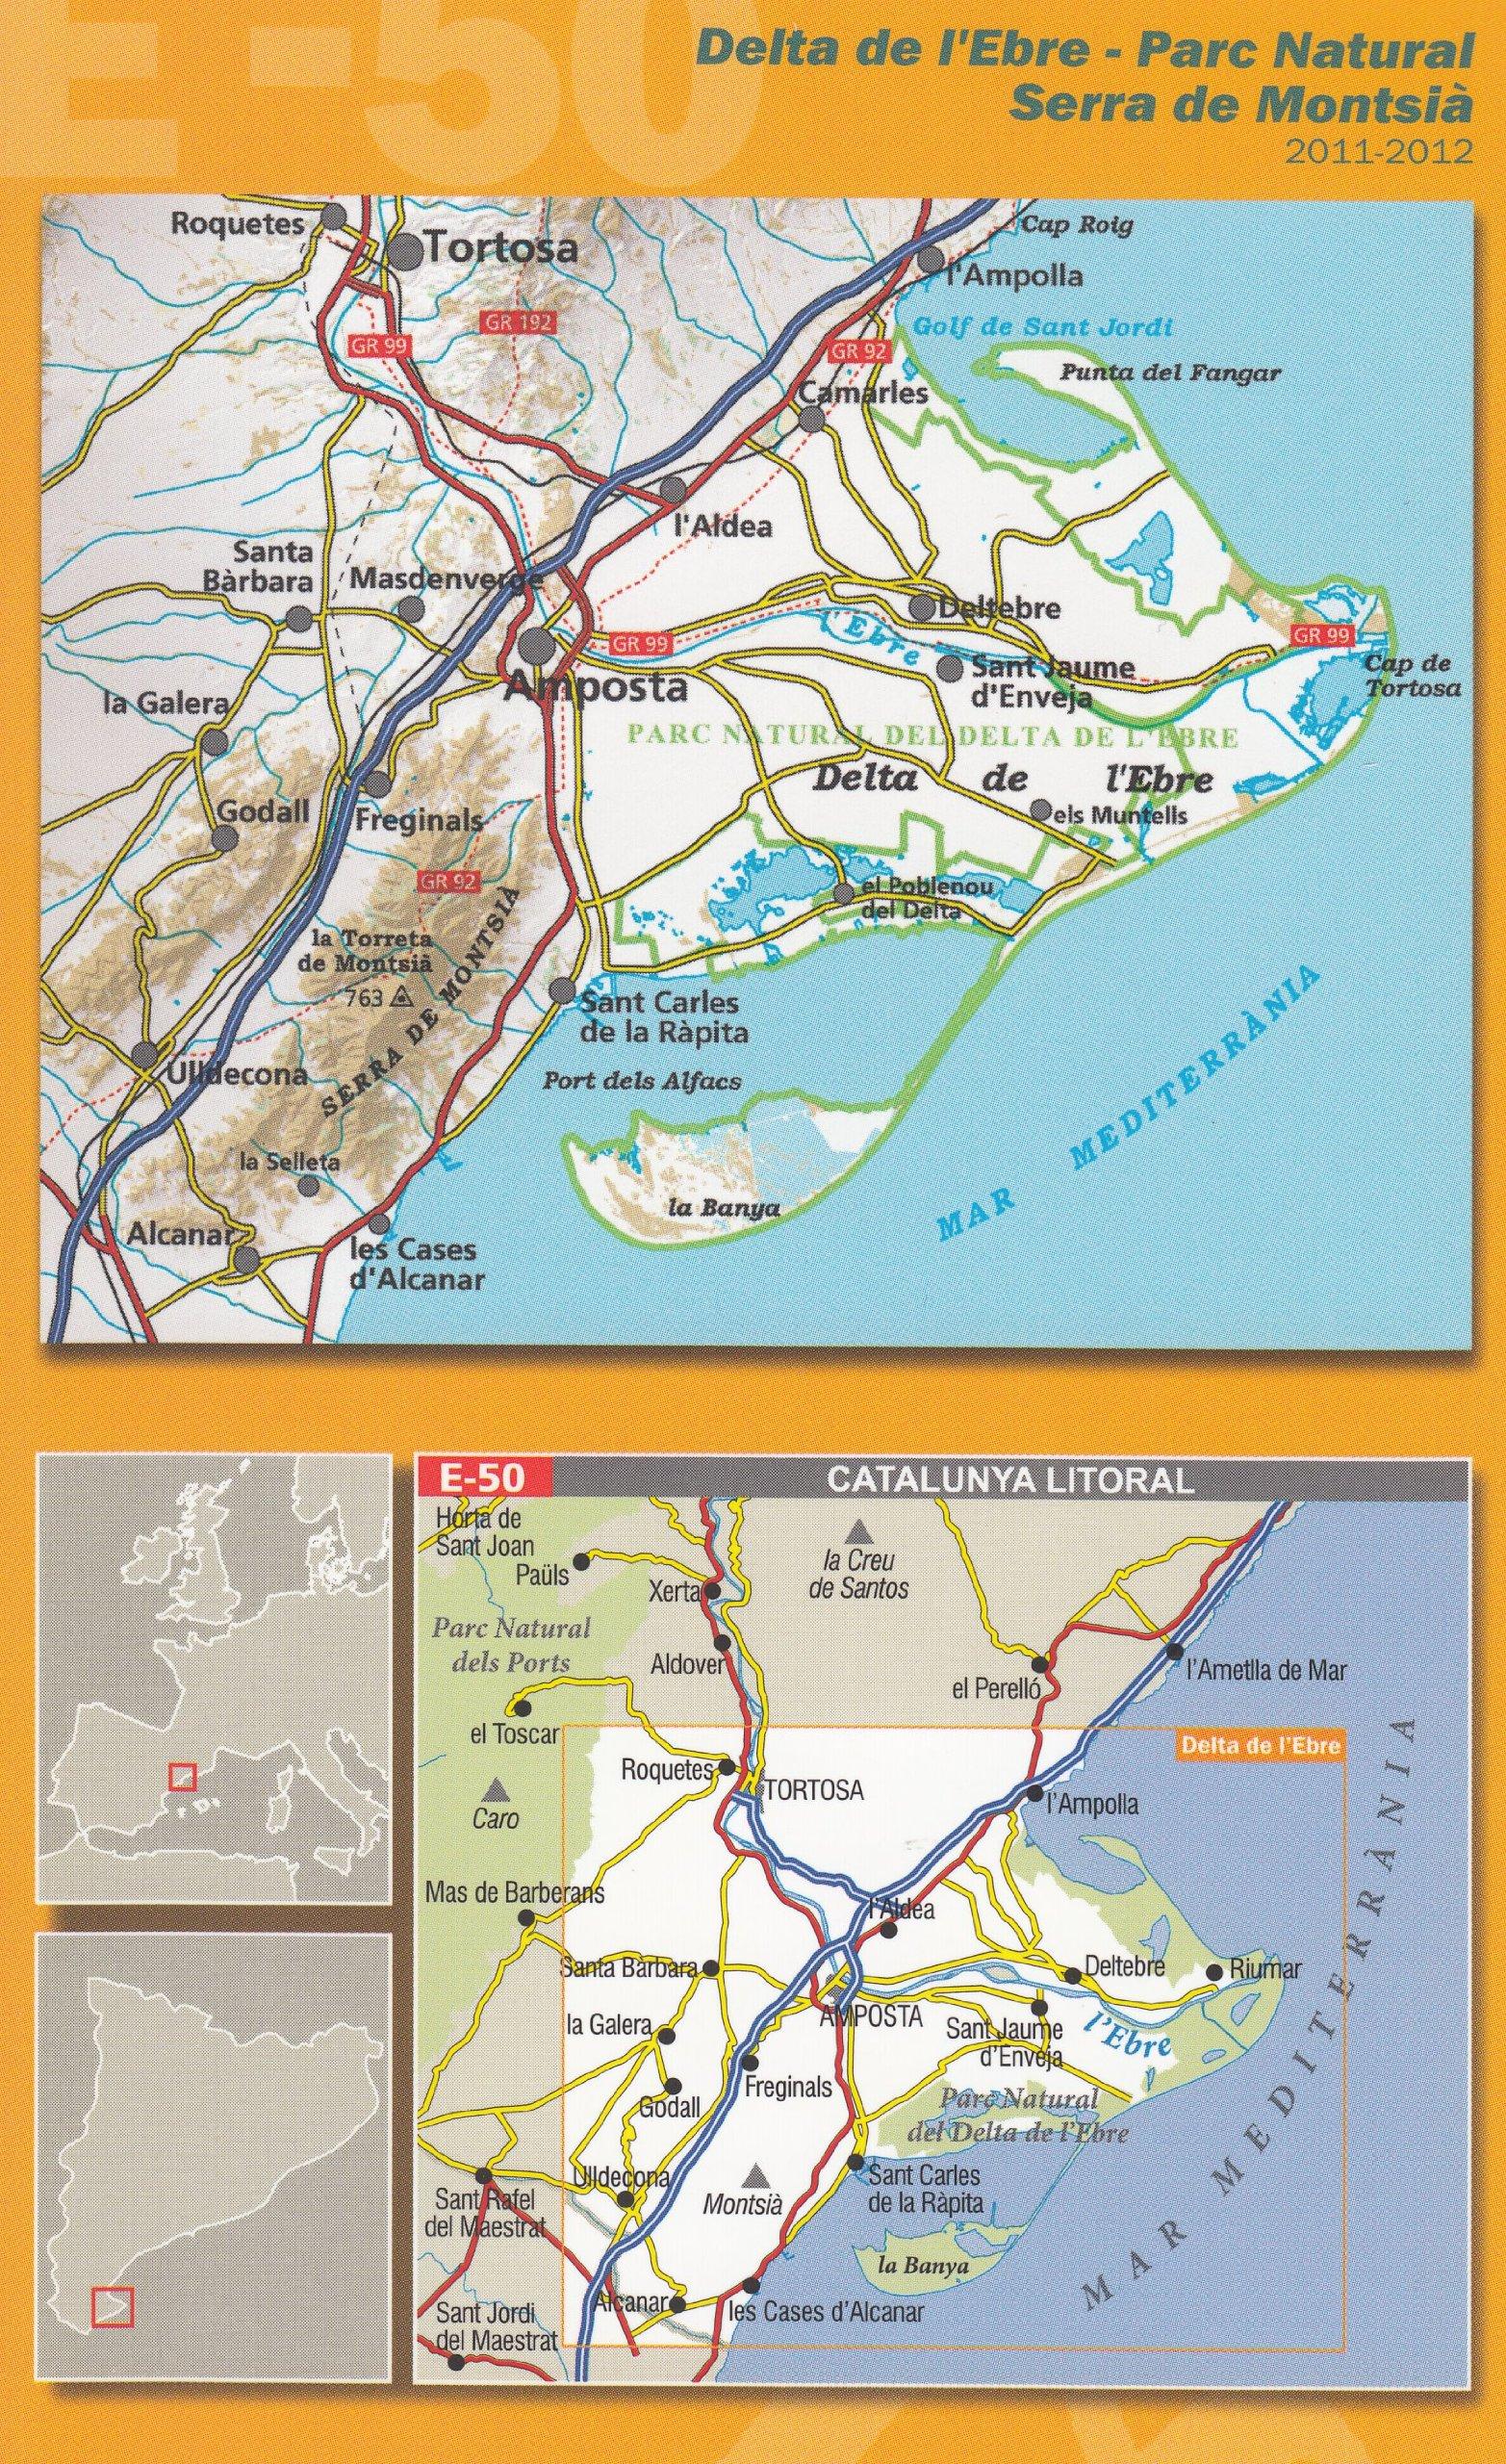 Carte Espagne Delta De Lebre.Amazon Fr Delta De L Ebre Pn Delta De L Ebre 1 50 000